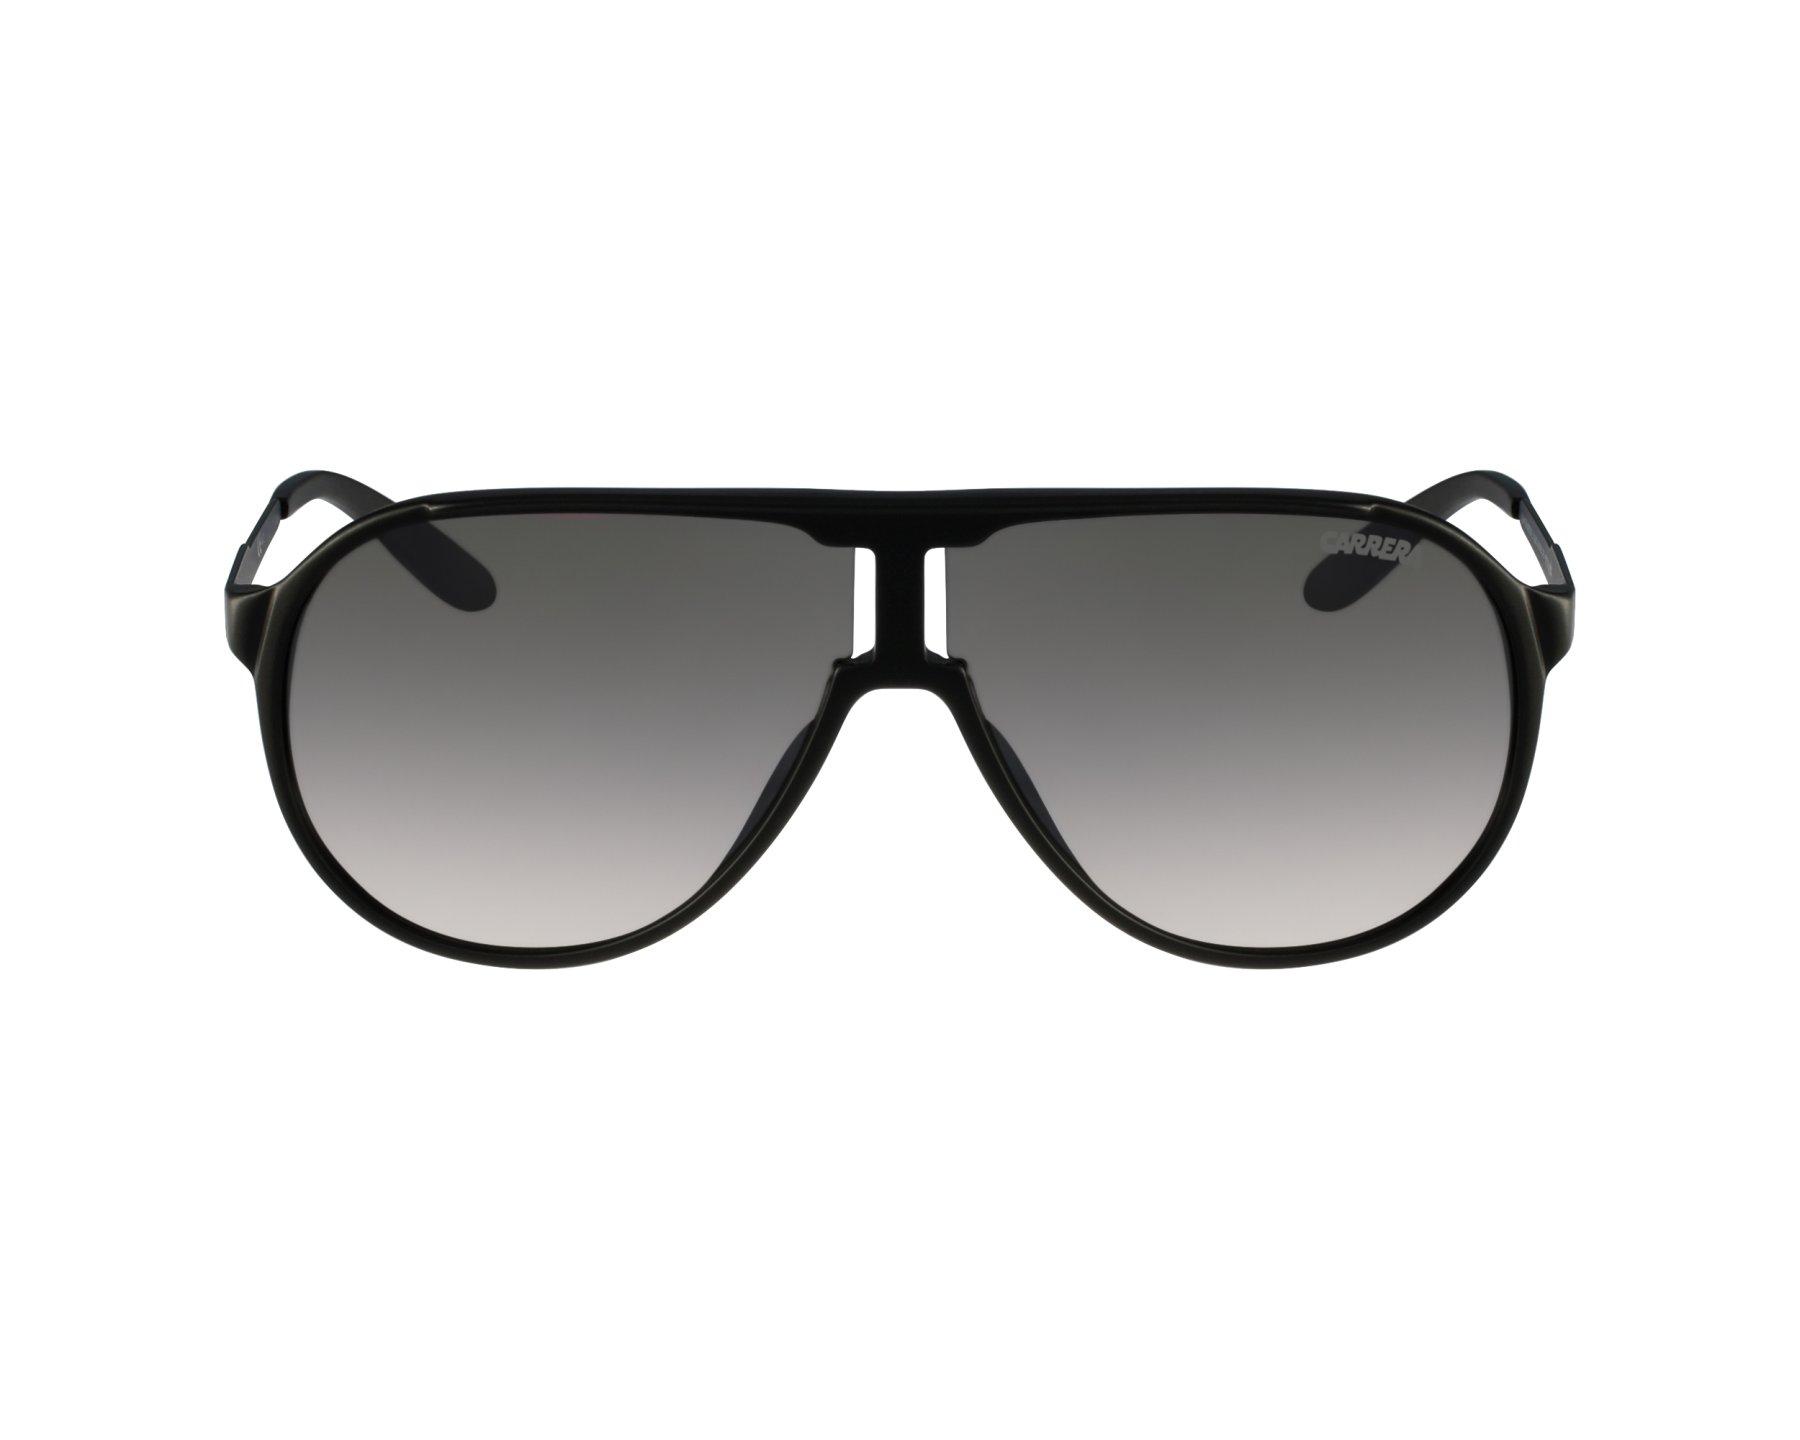 2da1b635e39 Carrera Sunglasses Champion Dl5 Y2 - Bitterroot Public Library